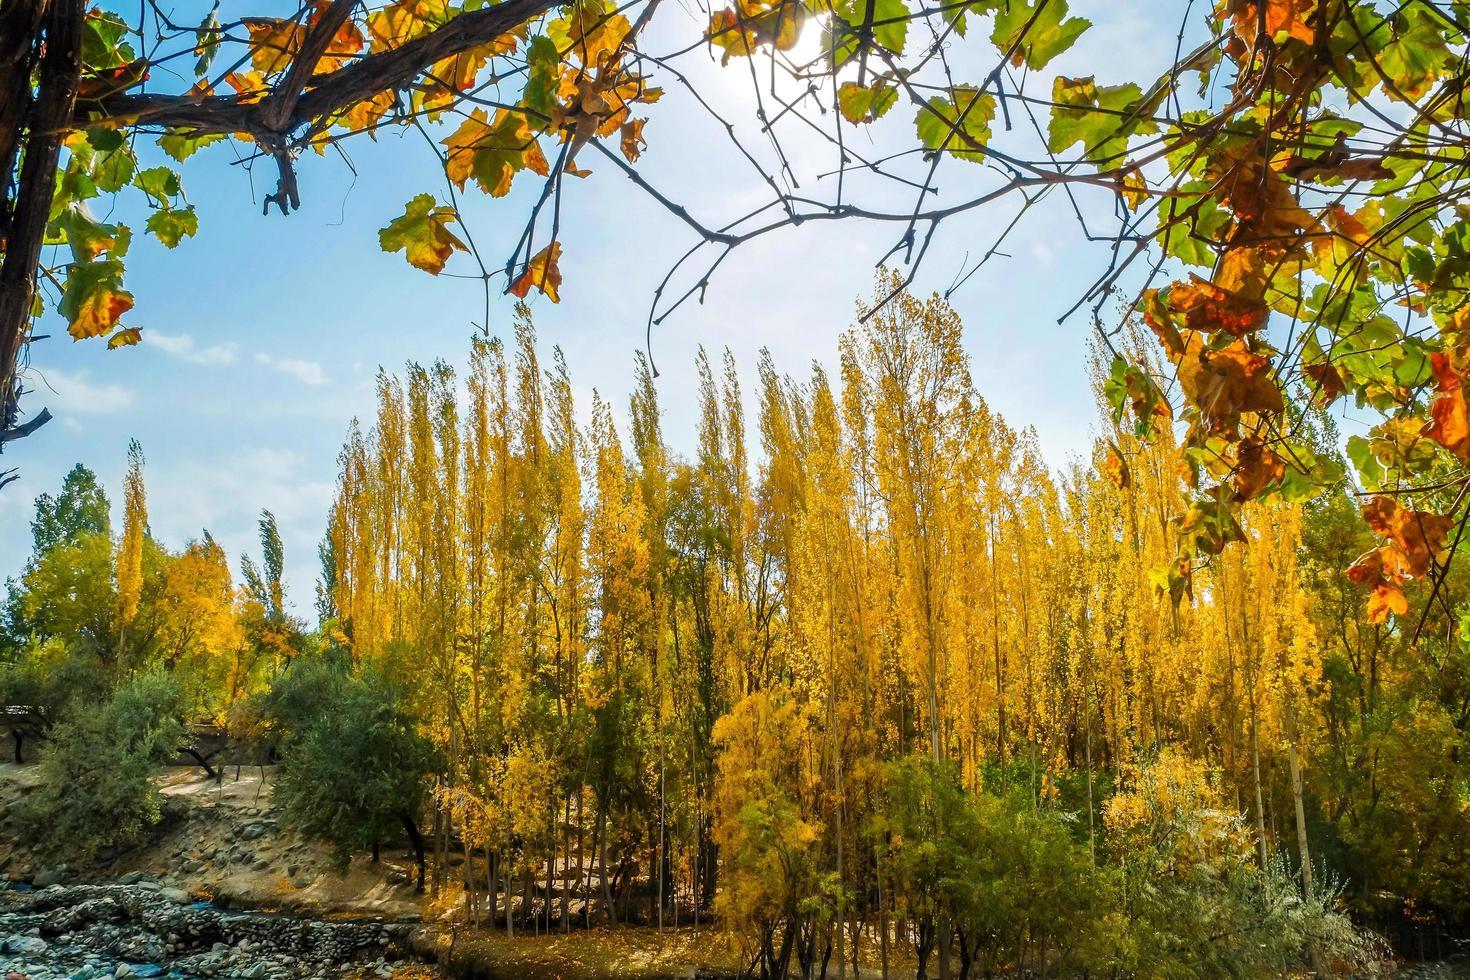 Vista del paisaje del bosque shigar y follaje en otoño, Pakistán foto